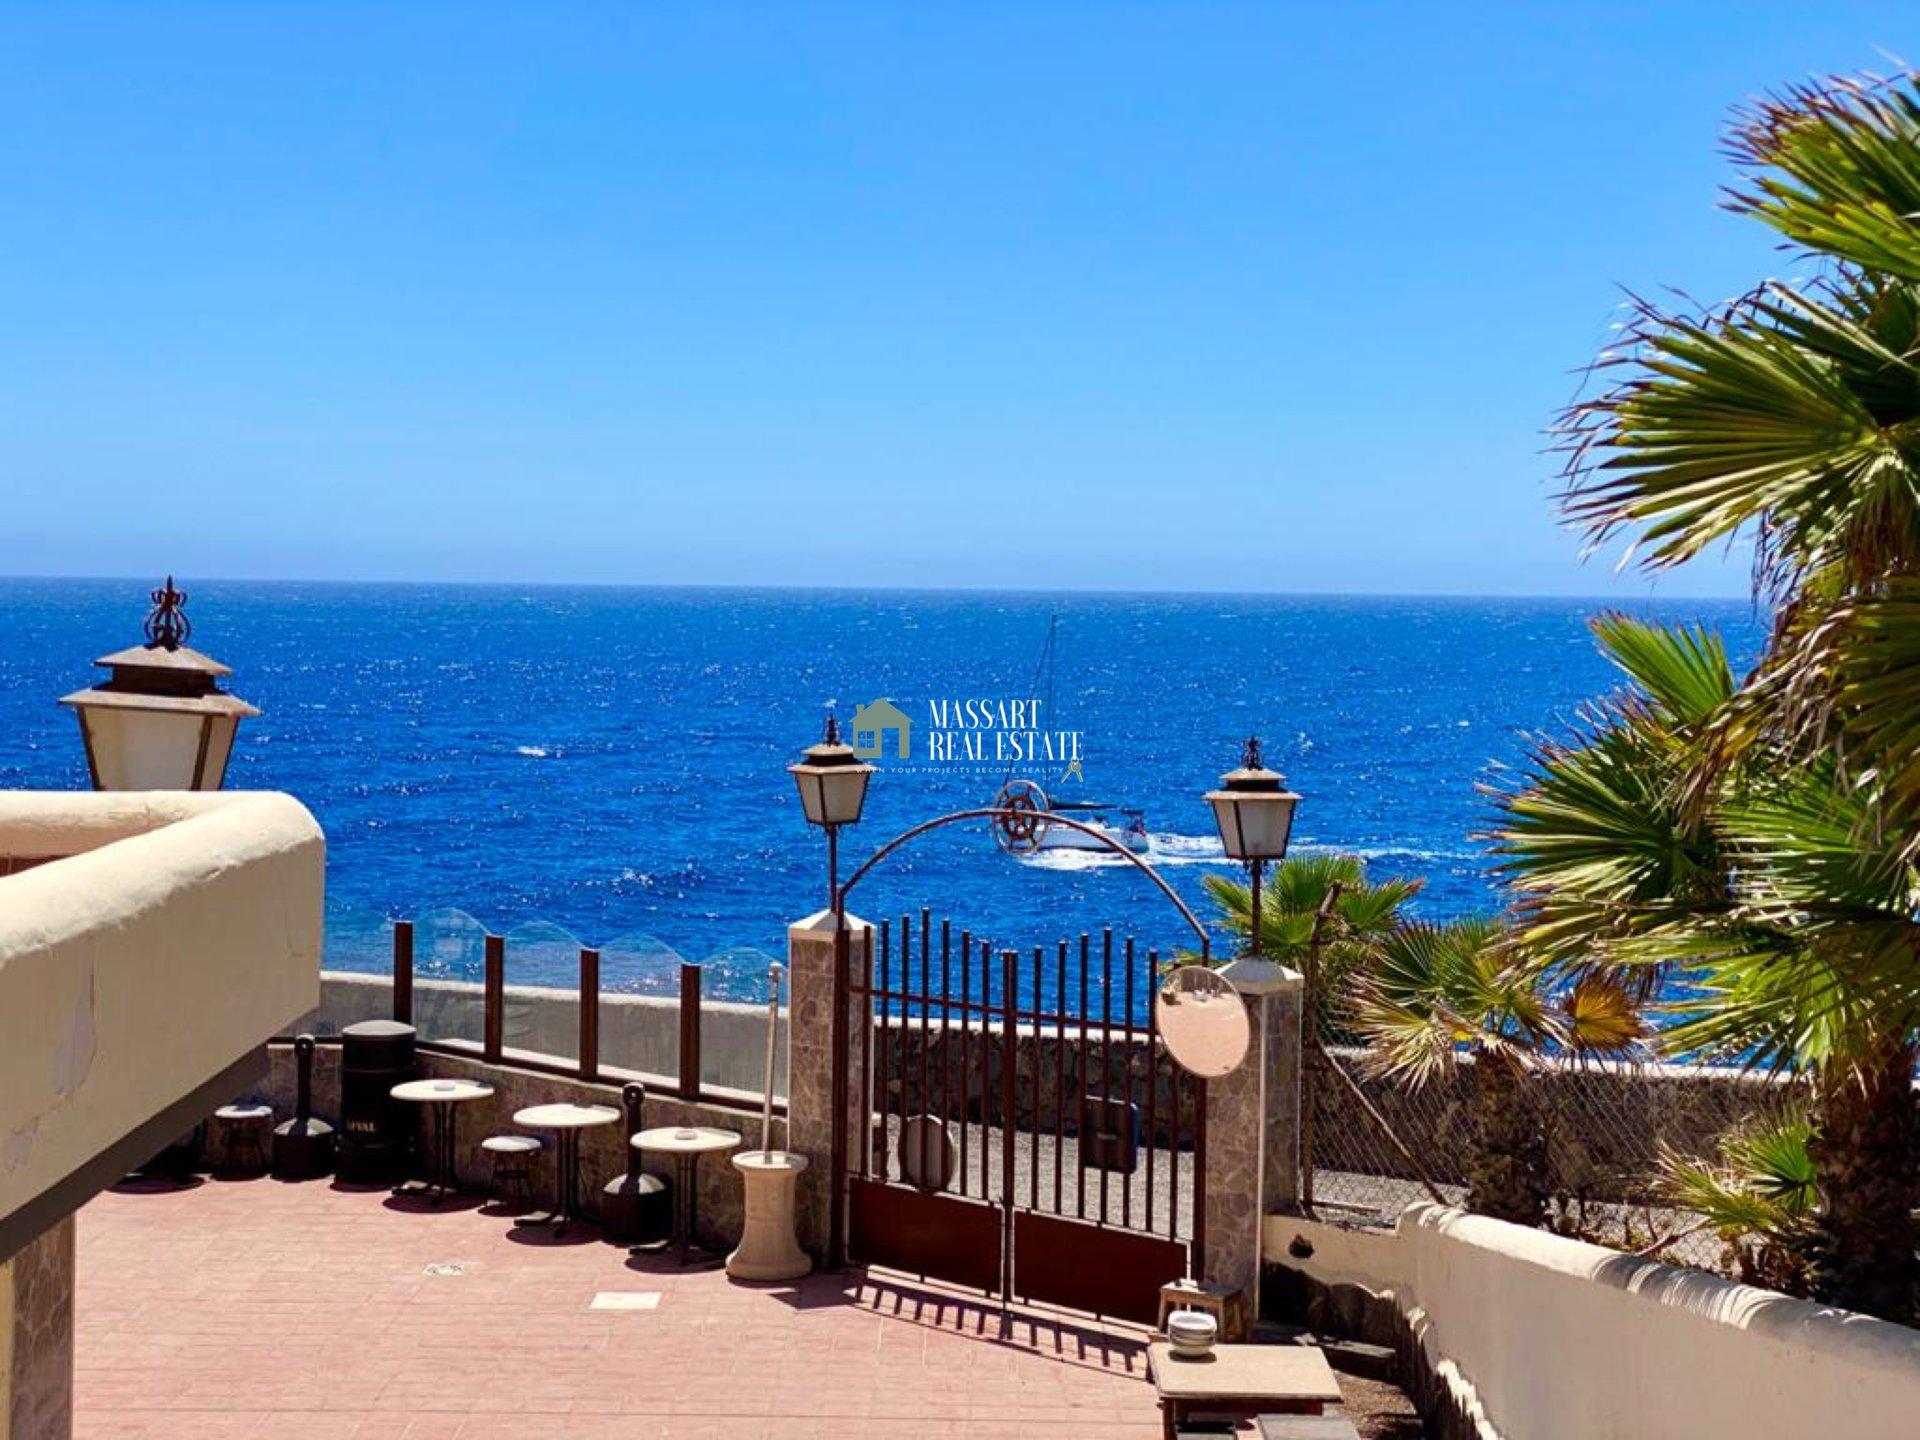 ¡EN PRIMERA LÍNEA DE MAR! - Apartamento en venta en el complejo residencial Balcón del Mar (Costa del Silencio) caracterizado por ofrecer vistas al mar de ensueño.